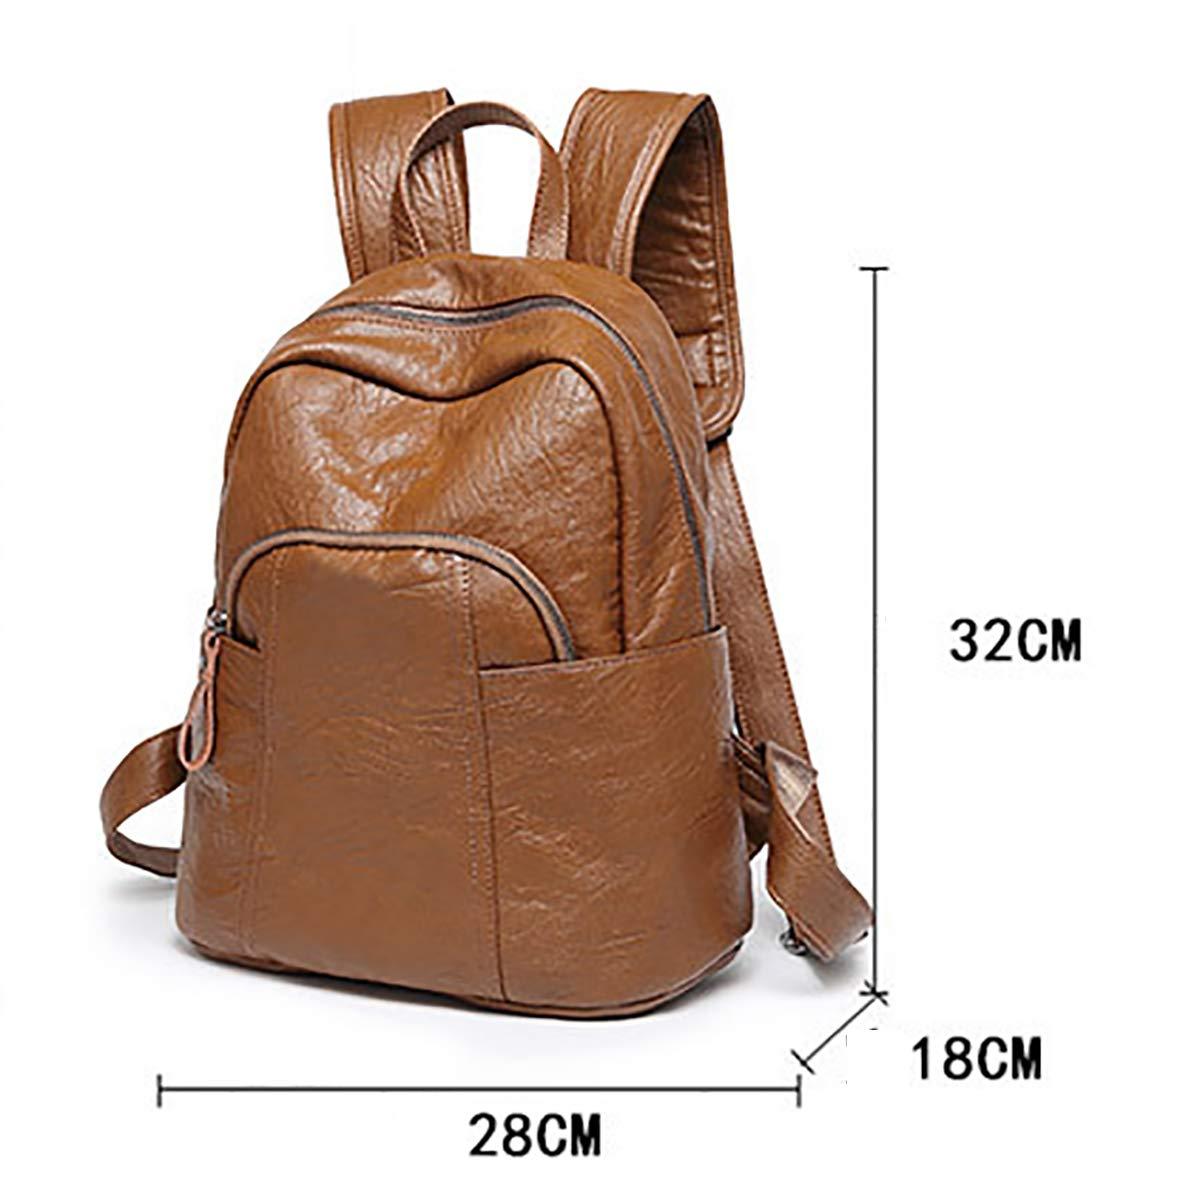 OOFAY Schultertasche Für Frauen College-Stil Tasche Mode Handtasche,Braun